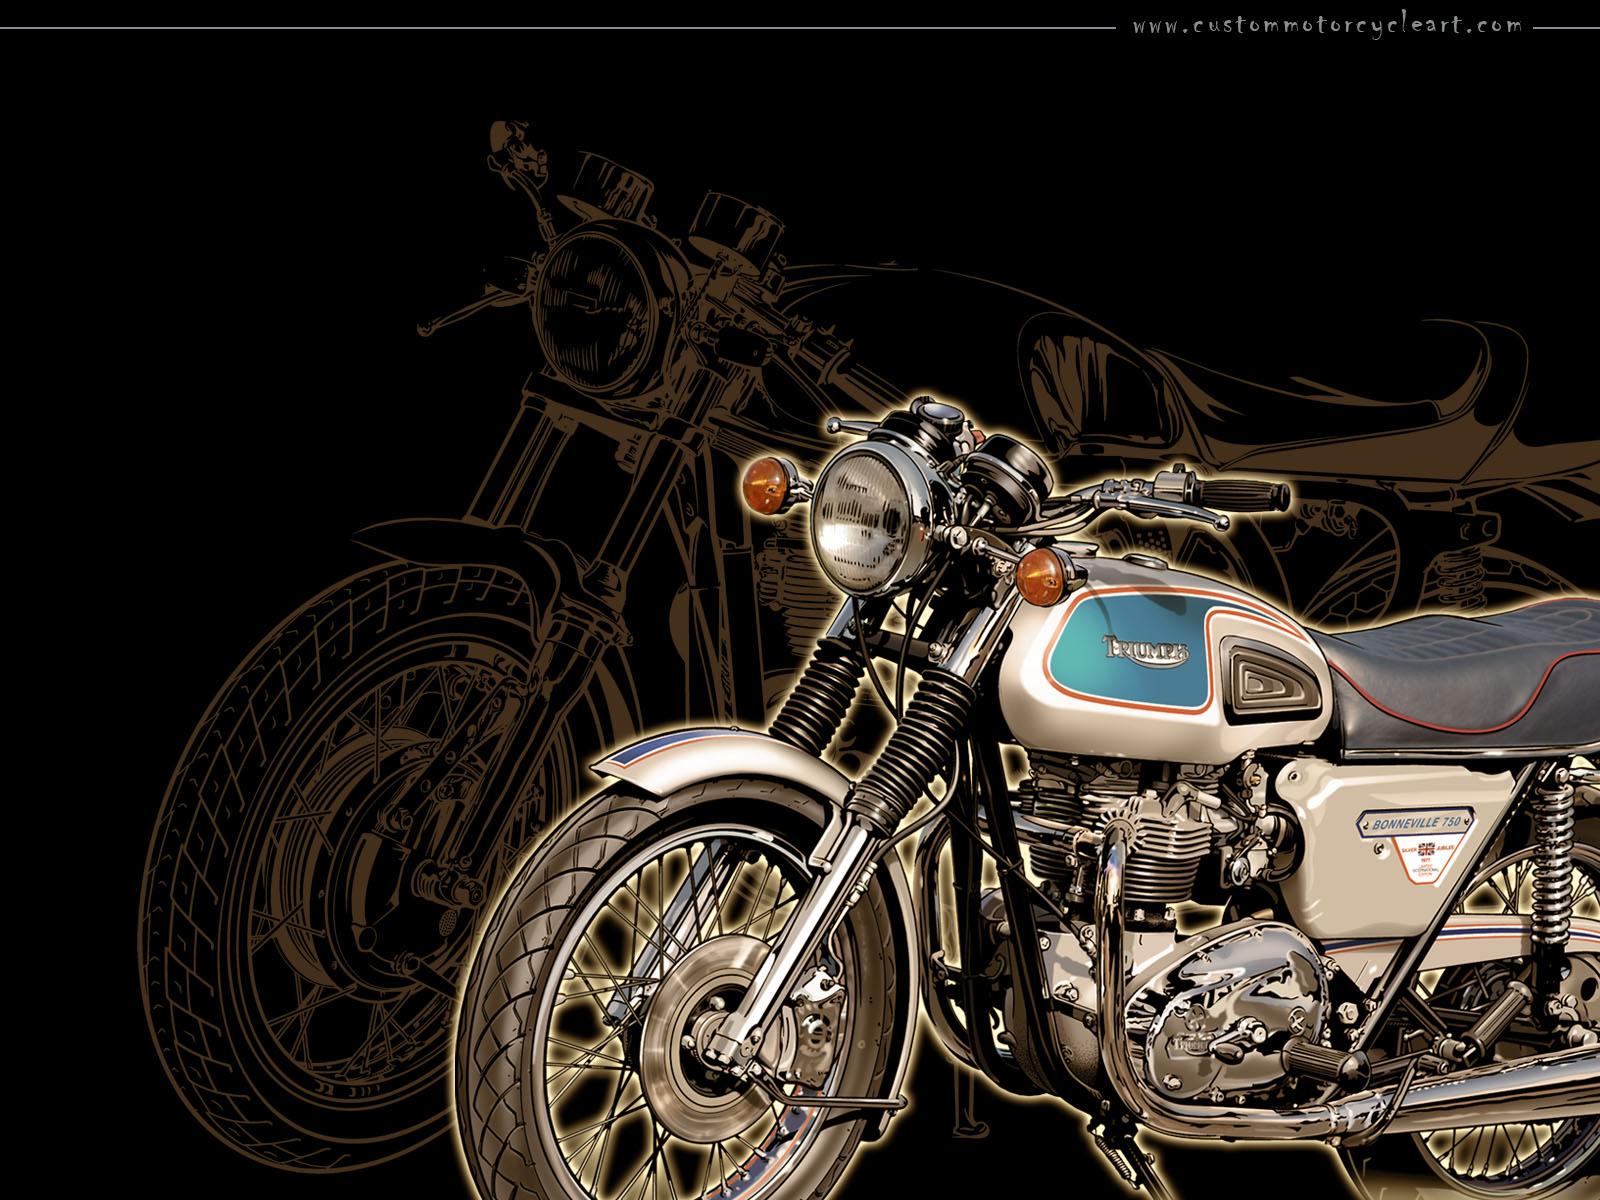 Racing Caf&232 Motorcycle Art  Gaston Vanzet